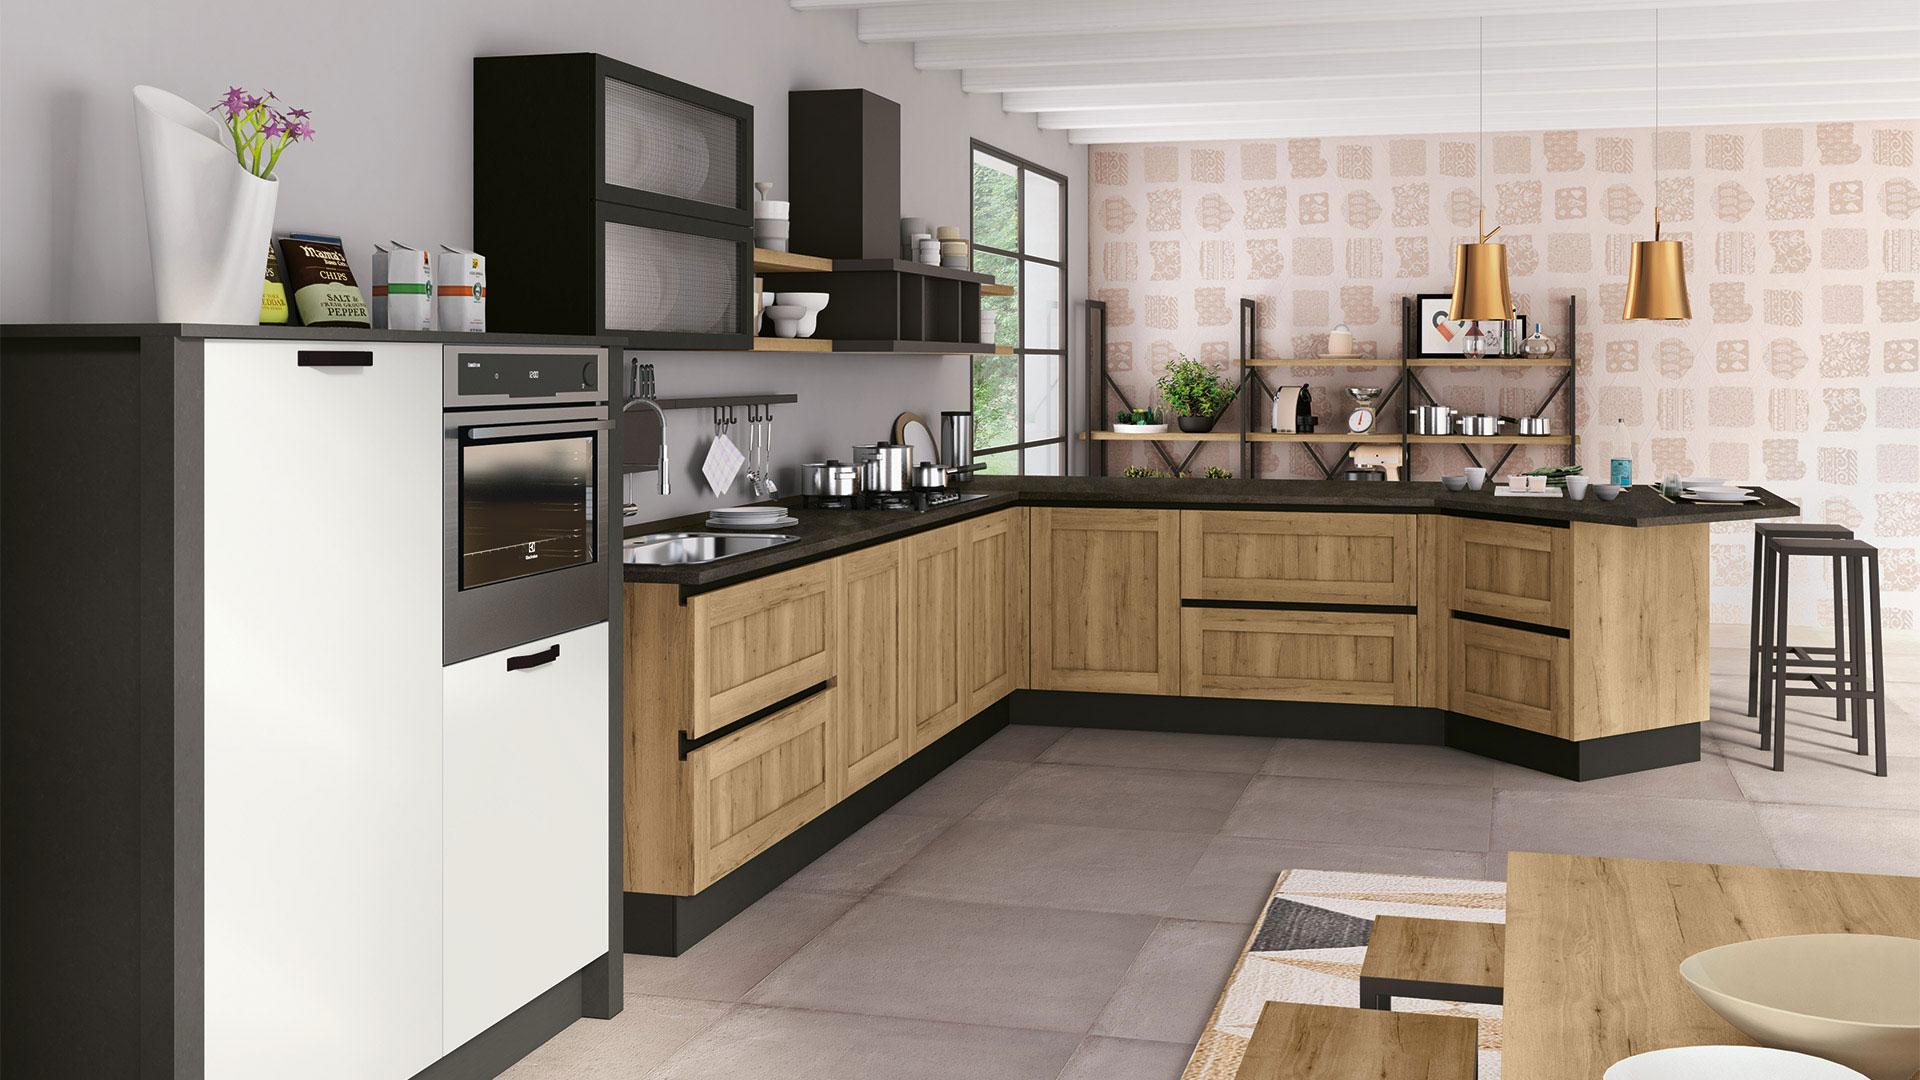 Cucina Bianca E Nera cucina nera, gli abbinamenti proposti da creo store milano